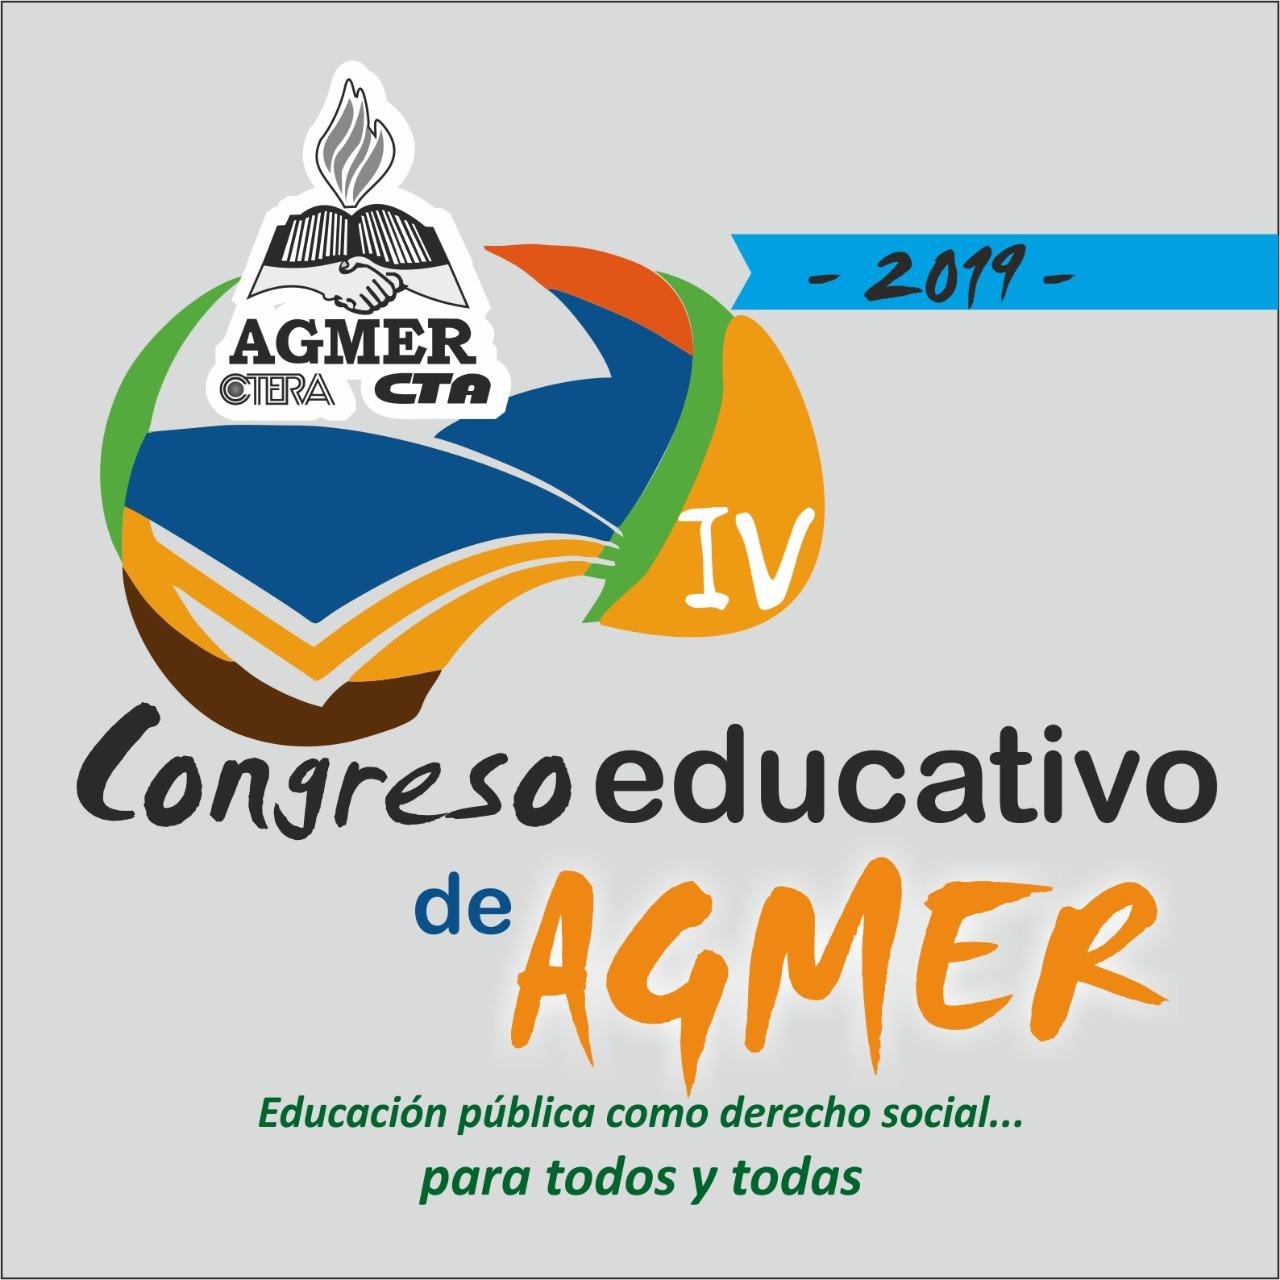 IV Congreso Educativo de AGMER: Educación pública como derecho social para todos y todas...